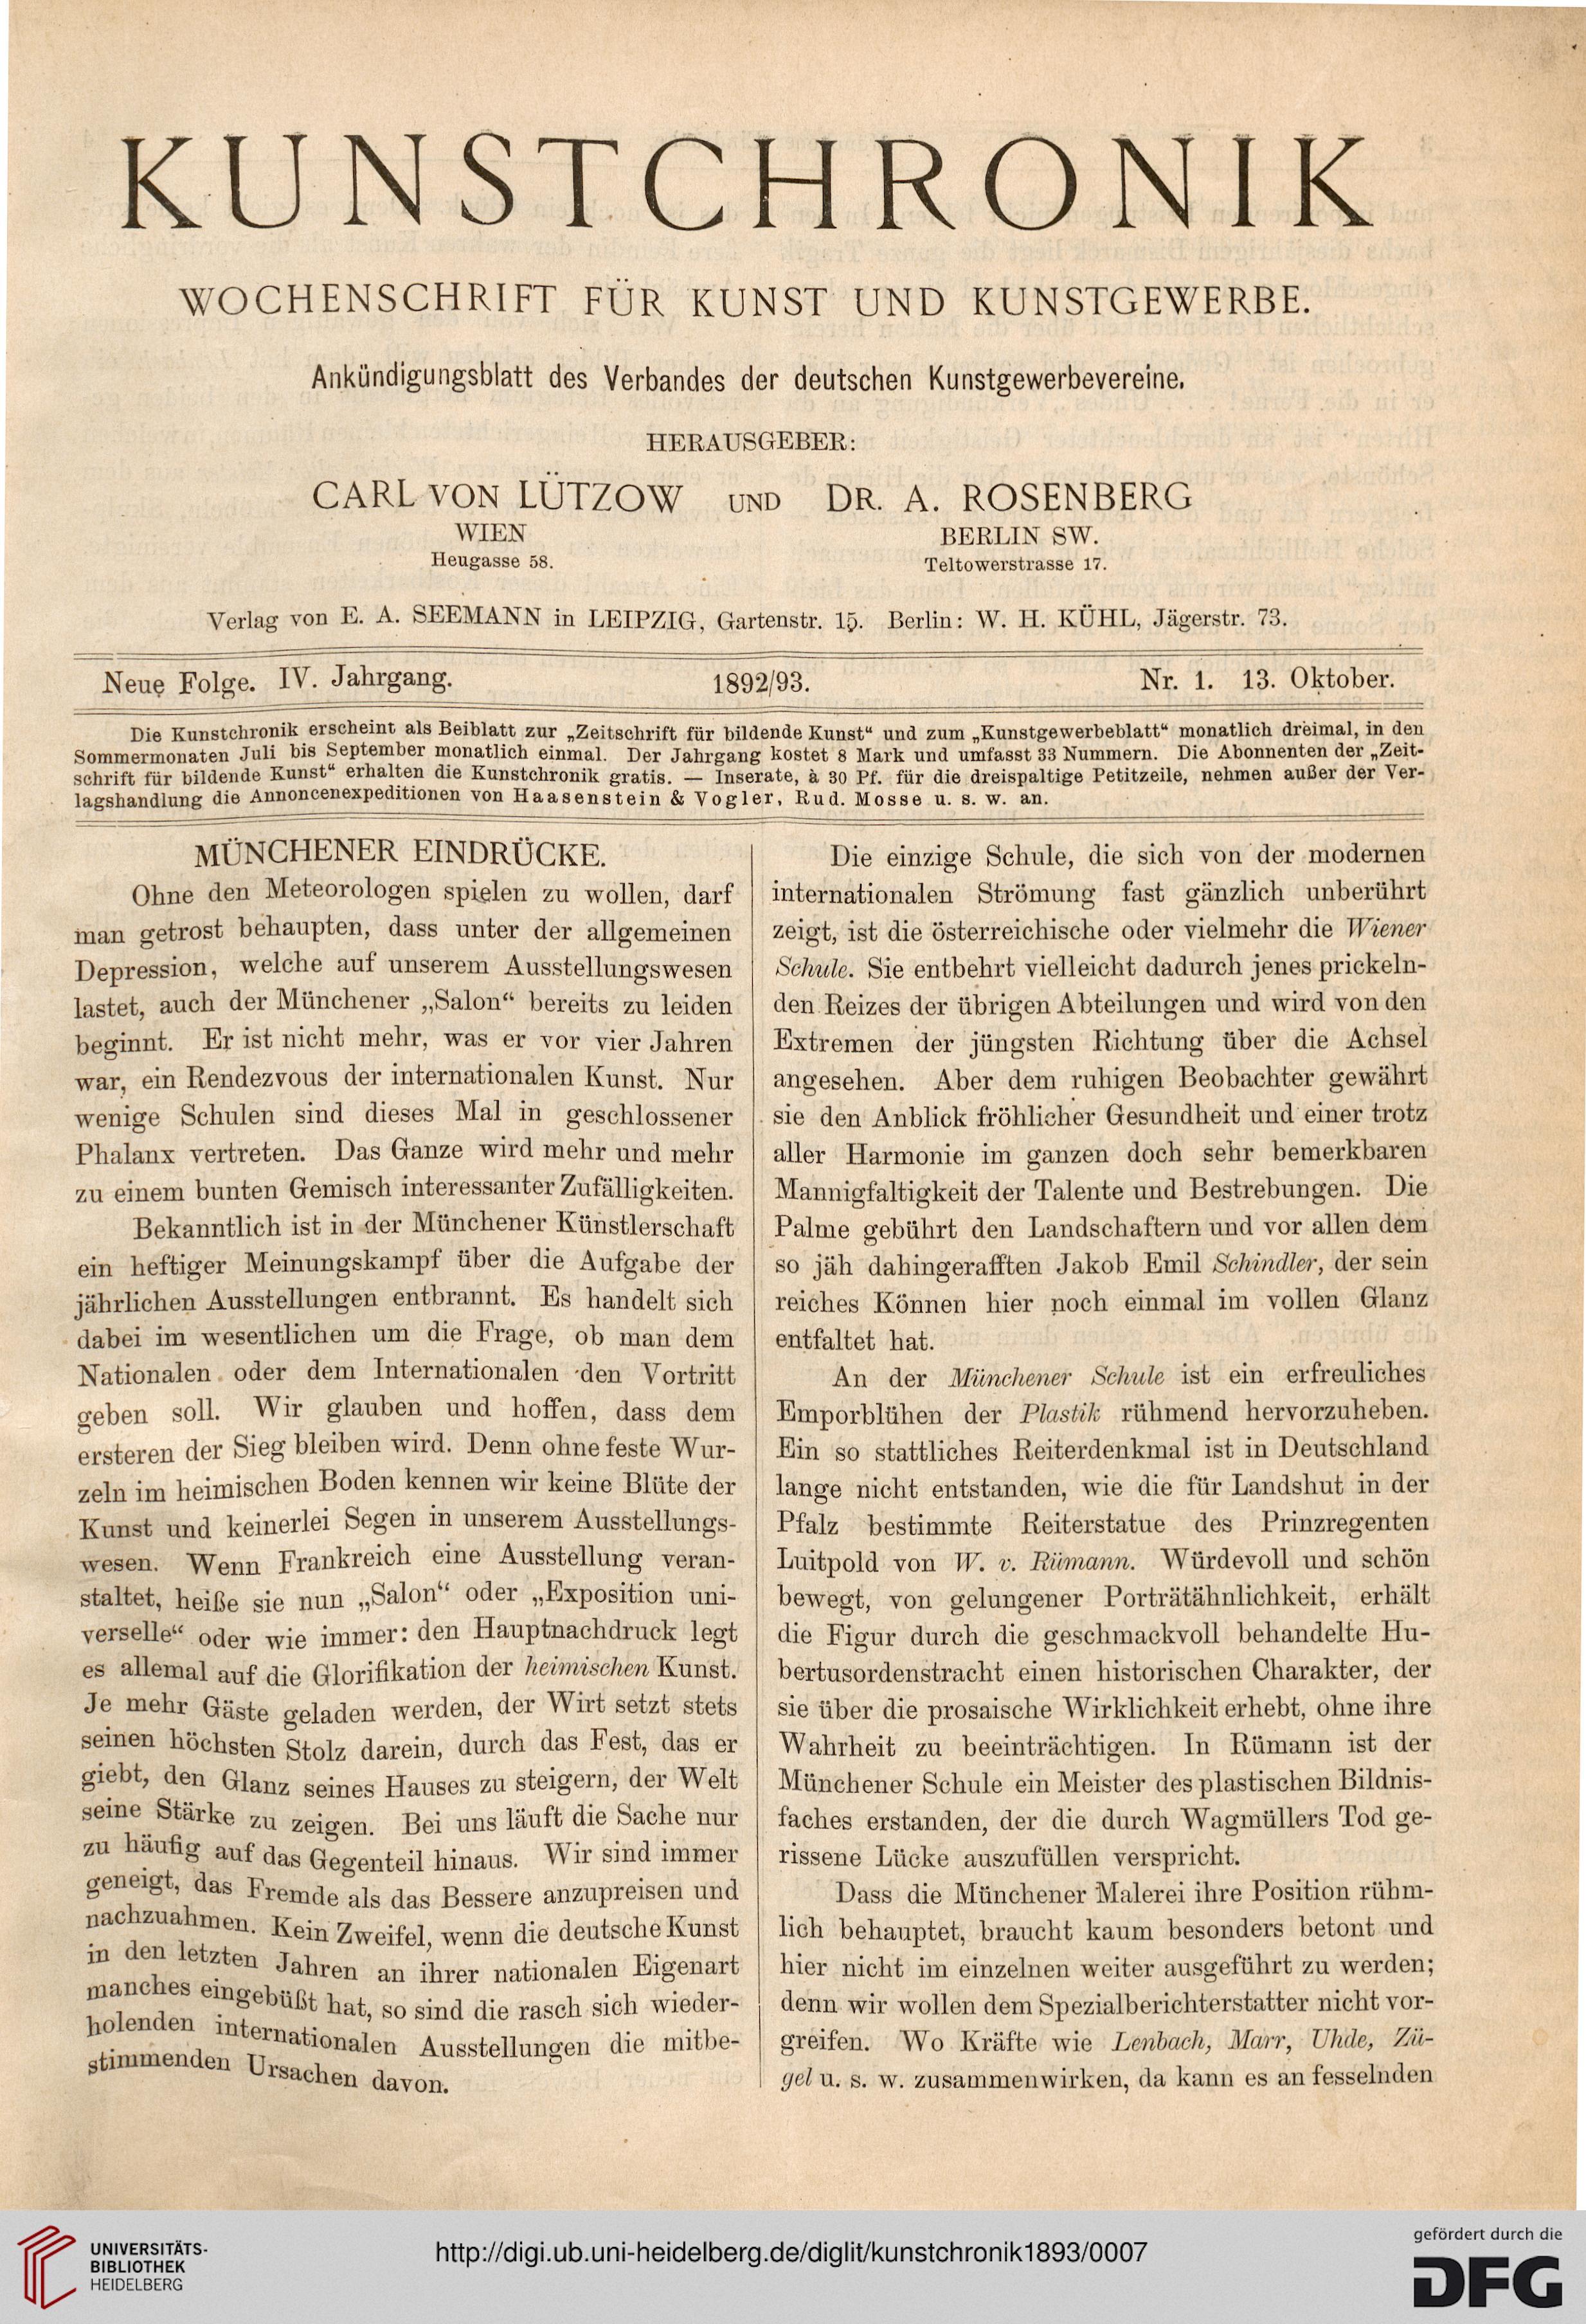 Kunstchronik: Wochenschrift für Kunst und Kunstgewerbe (N.F. 4.1893)